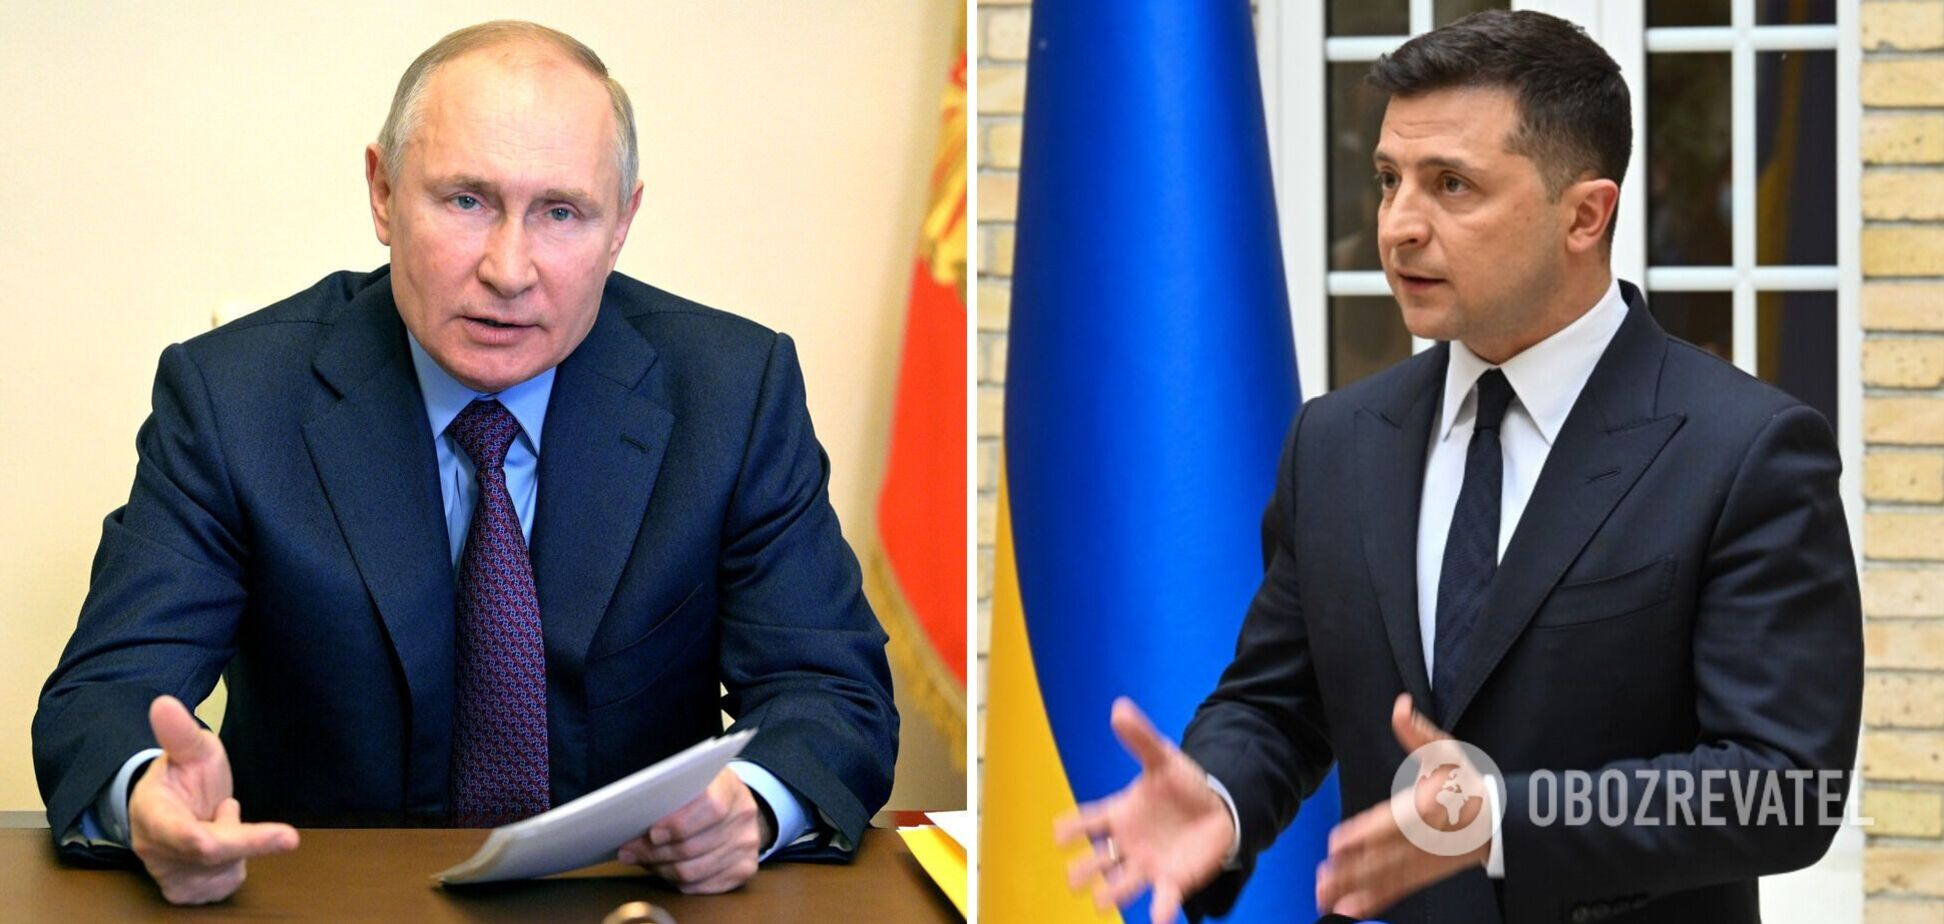 Путін відповів Зеленському: зустріч запропонував не на Донбасі. Відео